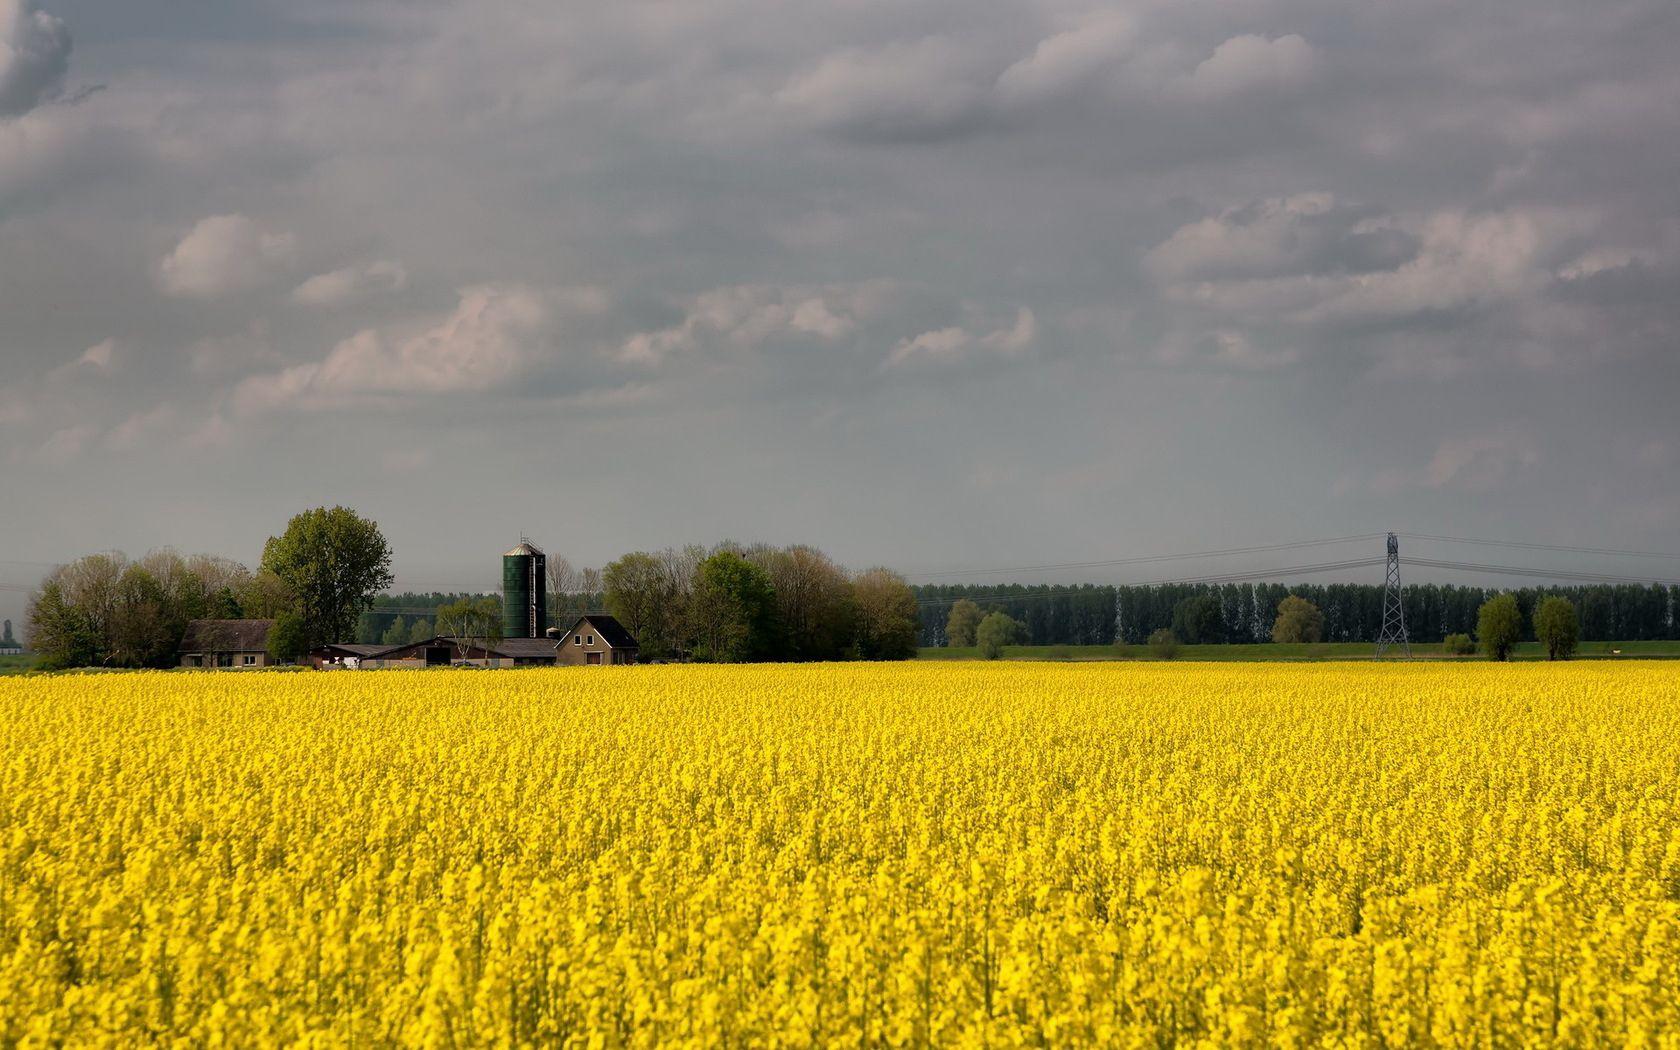 134451 скачать Желтые обои на телефон бесплатно, Природа, Цветы, Поле, Пасмурно, Ферма, Сельское Хозяйство Желтые картинки и заставки на мобильный